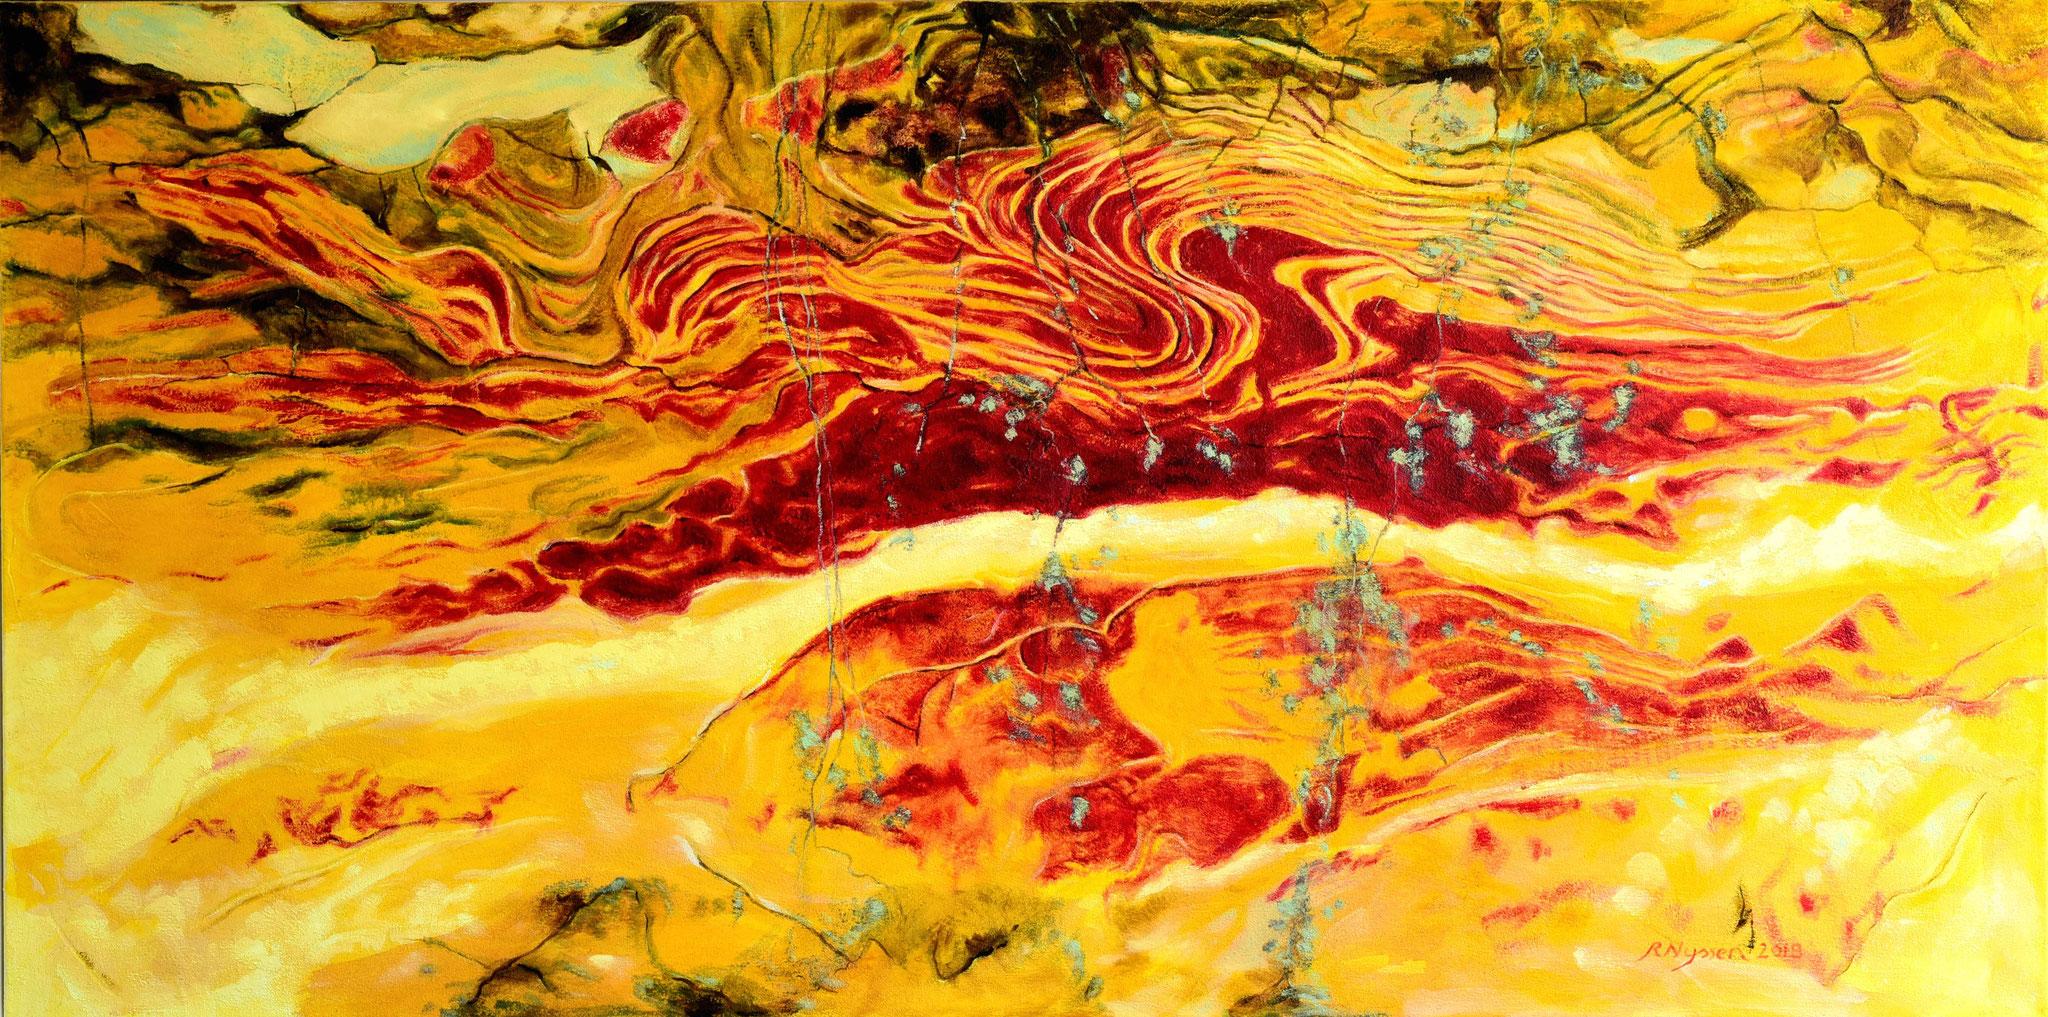 """""""Hatz der Artemis""""-2018-Öl auf LW-80*160cm-Privatbesitz / Hunt of Artemis-oil on canvas"""